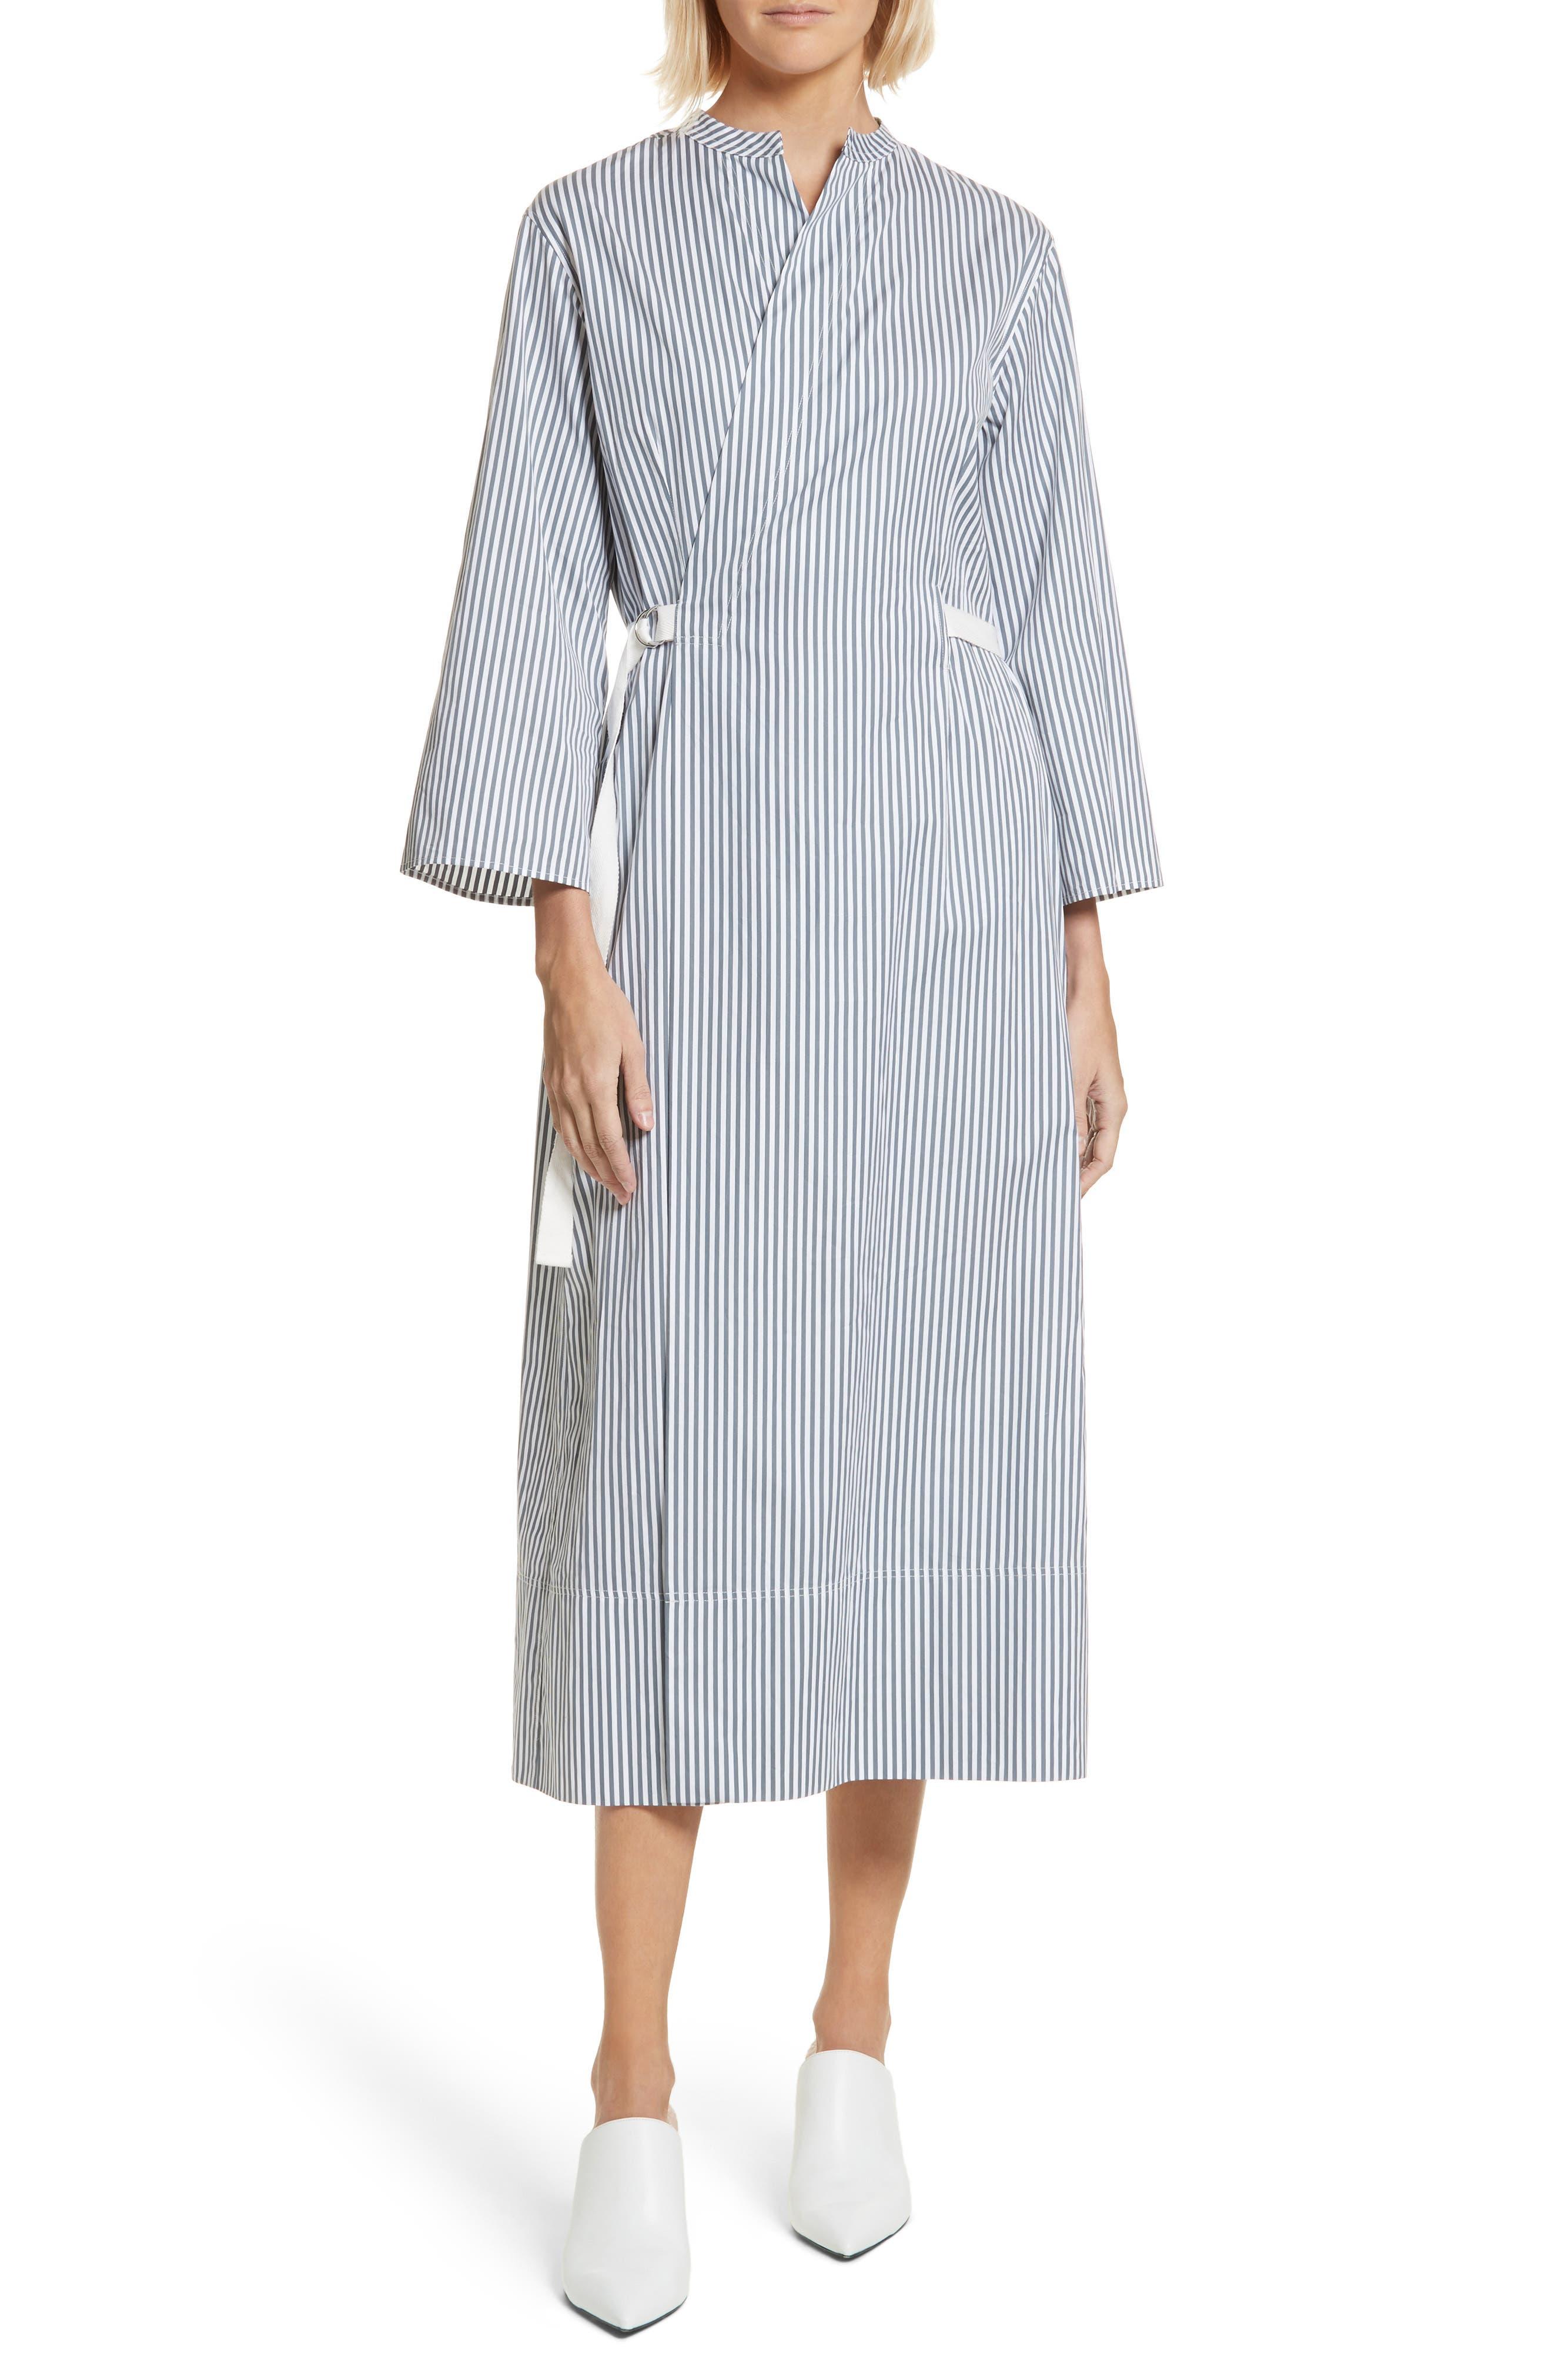 Candy Stripe Midi Dress,                         Main,                         color,